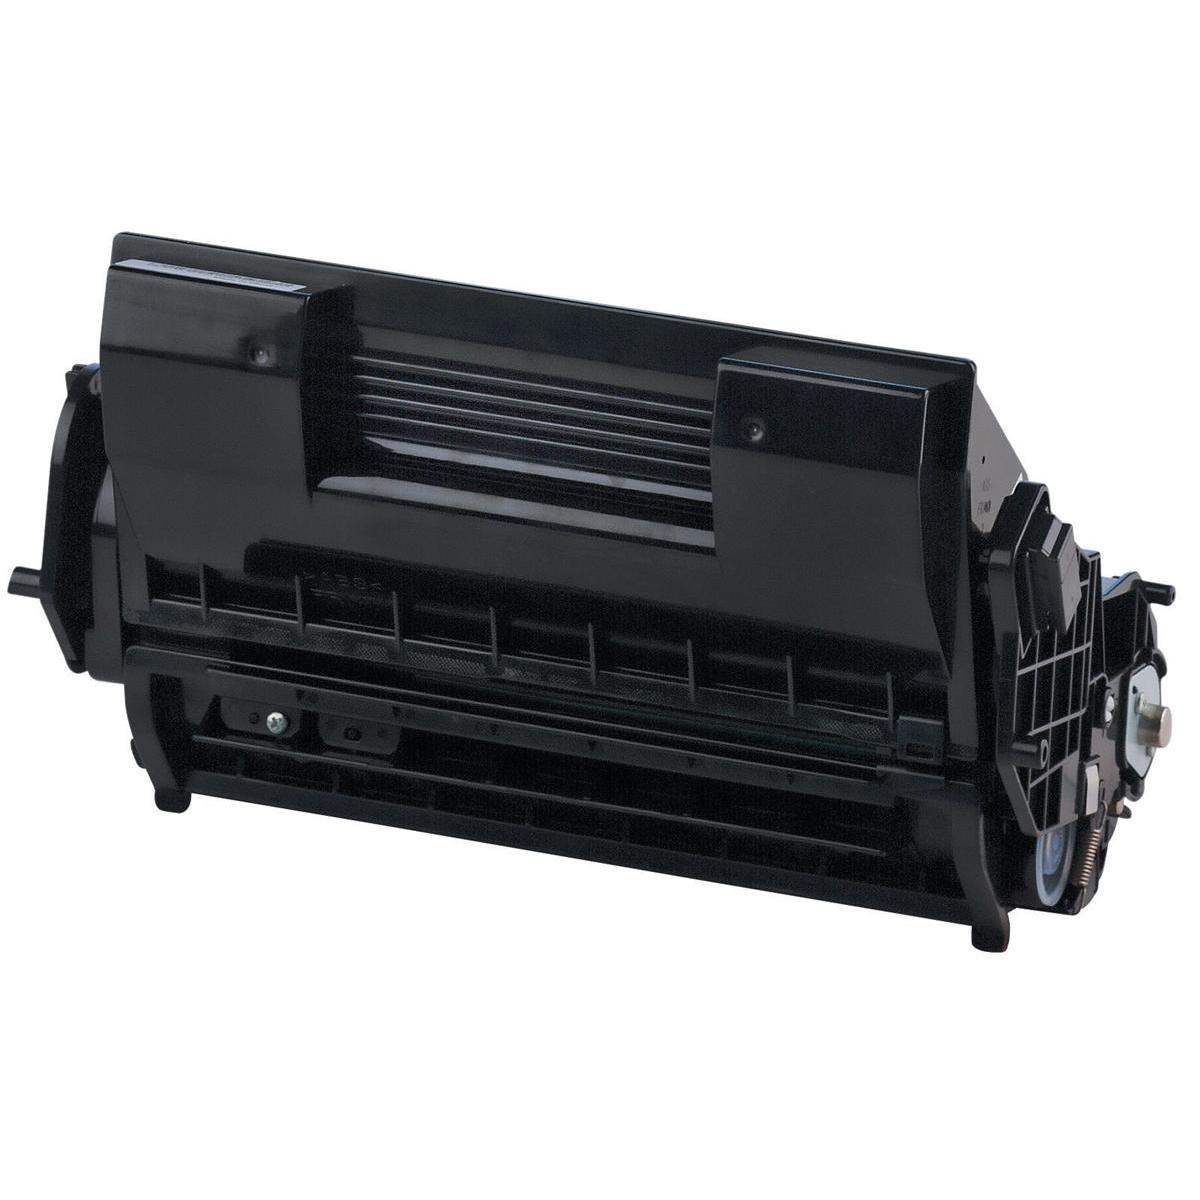 OKI Laser Toner Cartridge High Yield Page Life 25000pp Black Ref 1279201